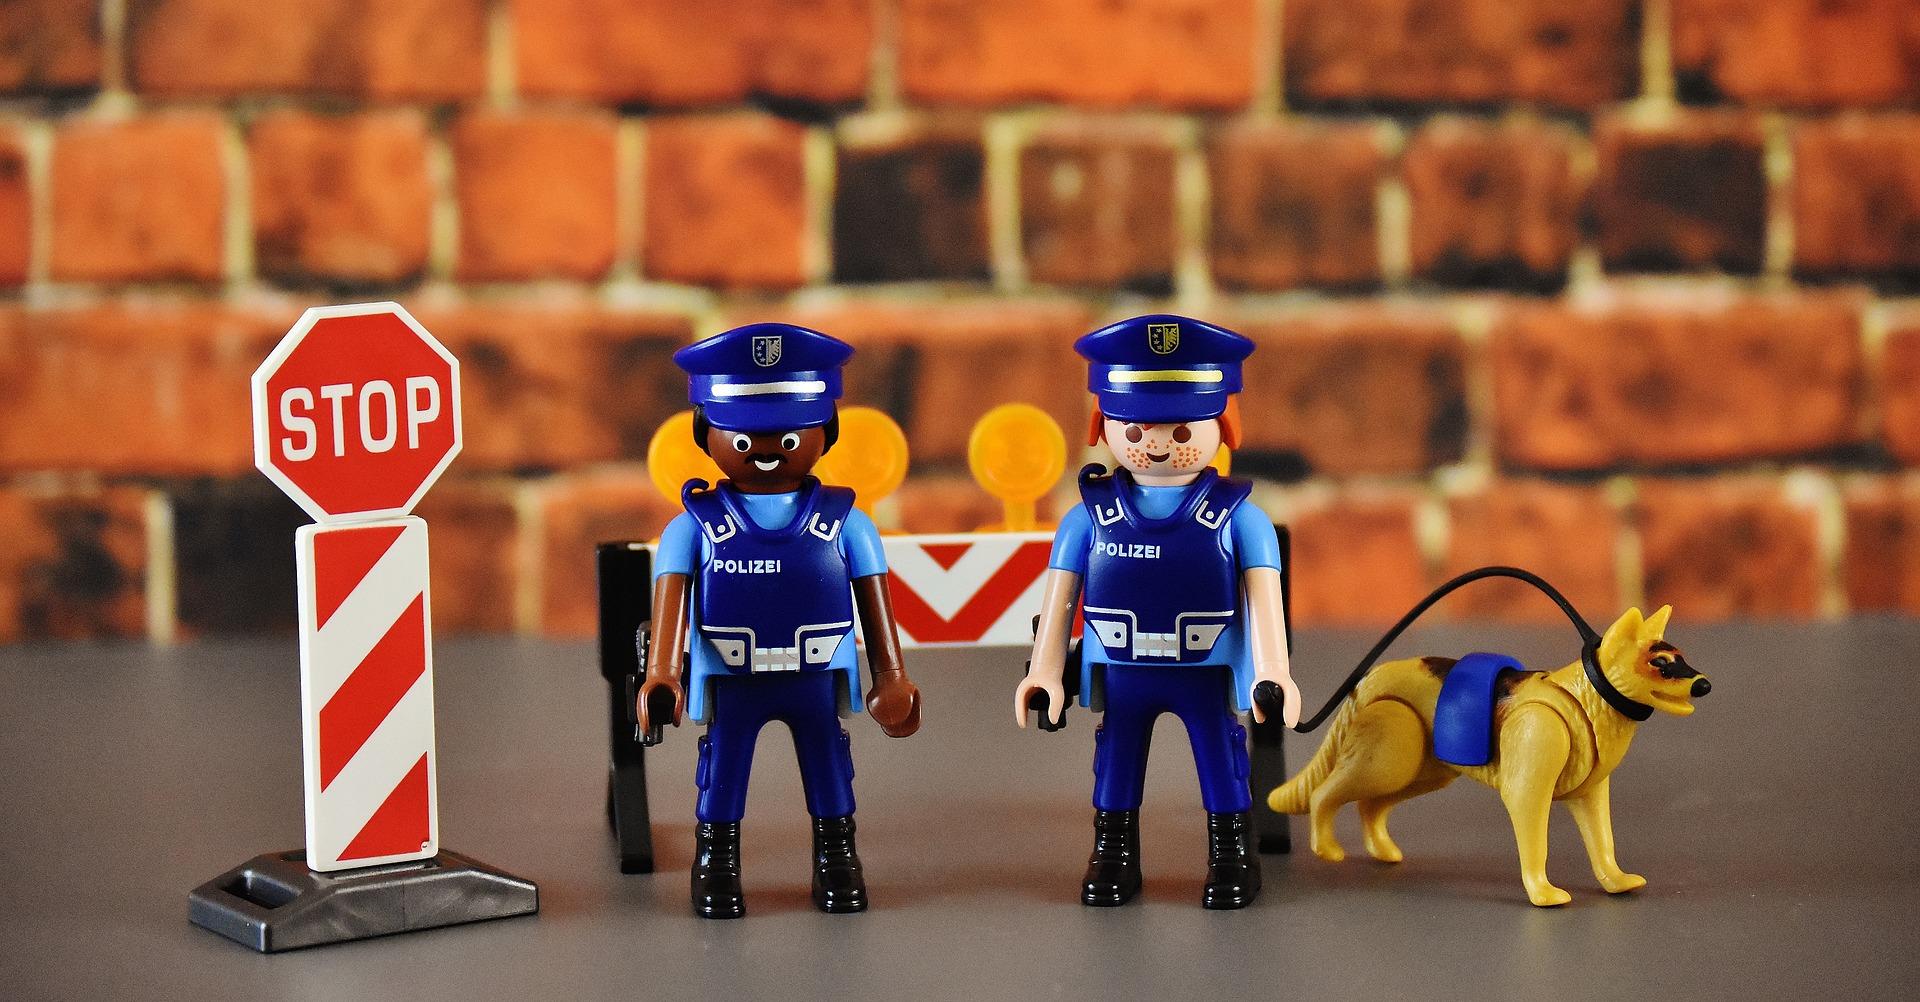 Umstrittener Polizeieinsatz in Magdeburg – das sagen die Beteiligten